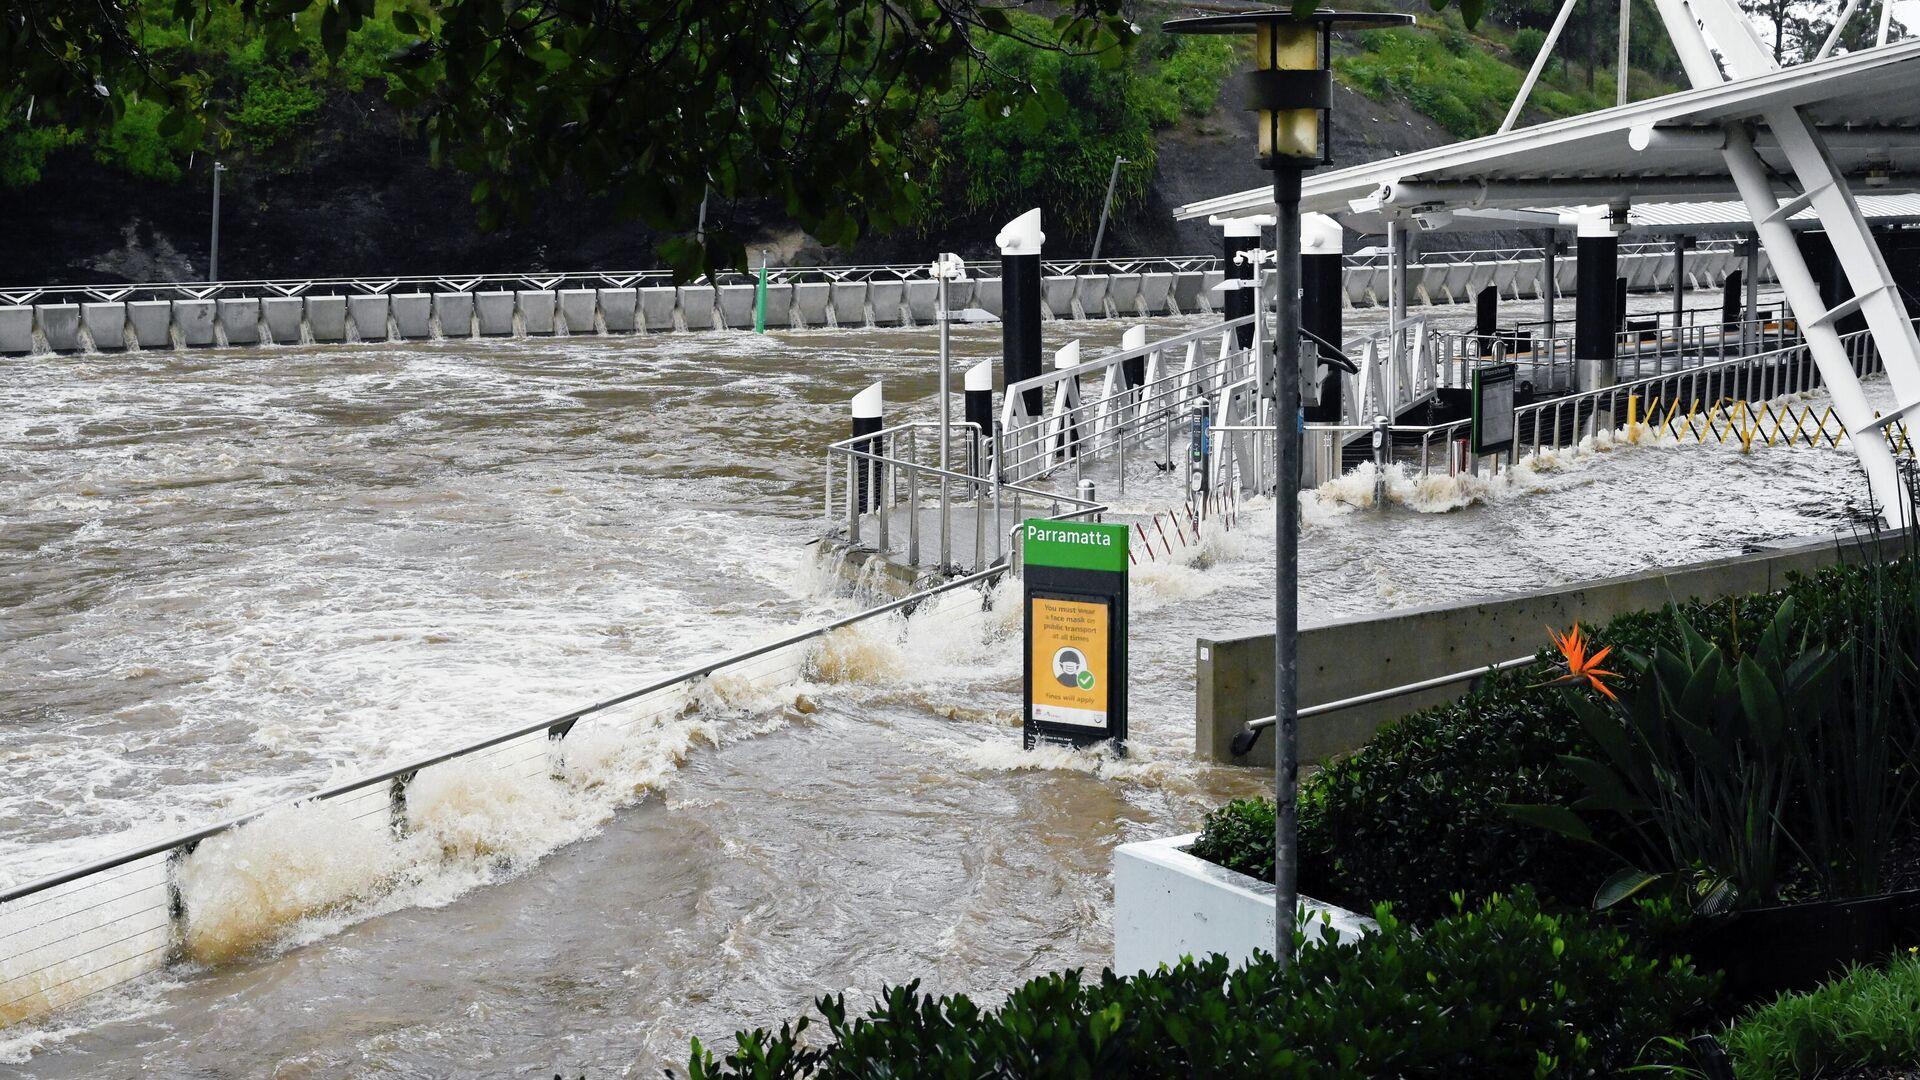 Inundaciones por las fuertes lluvias en Australia - Sputnik Mundo, 1920, 20.03.2021